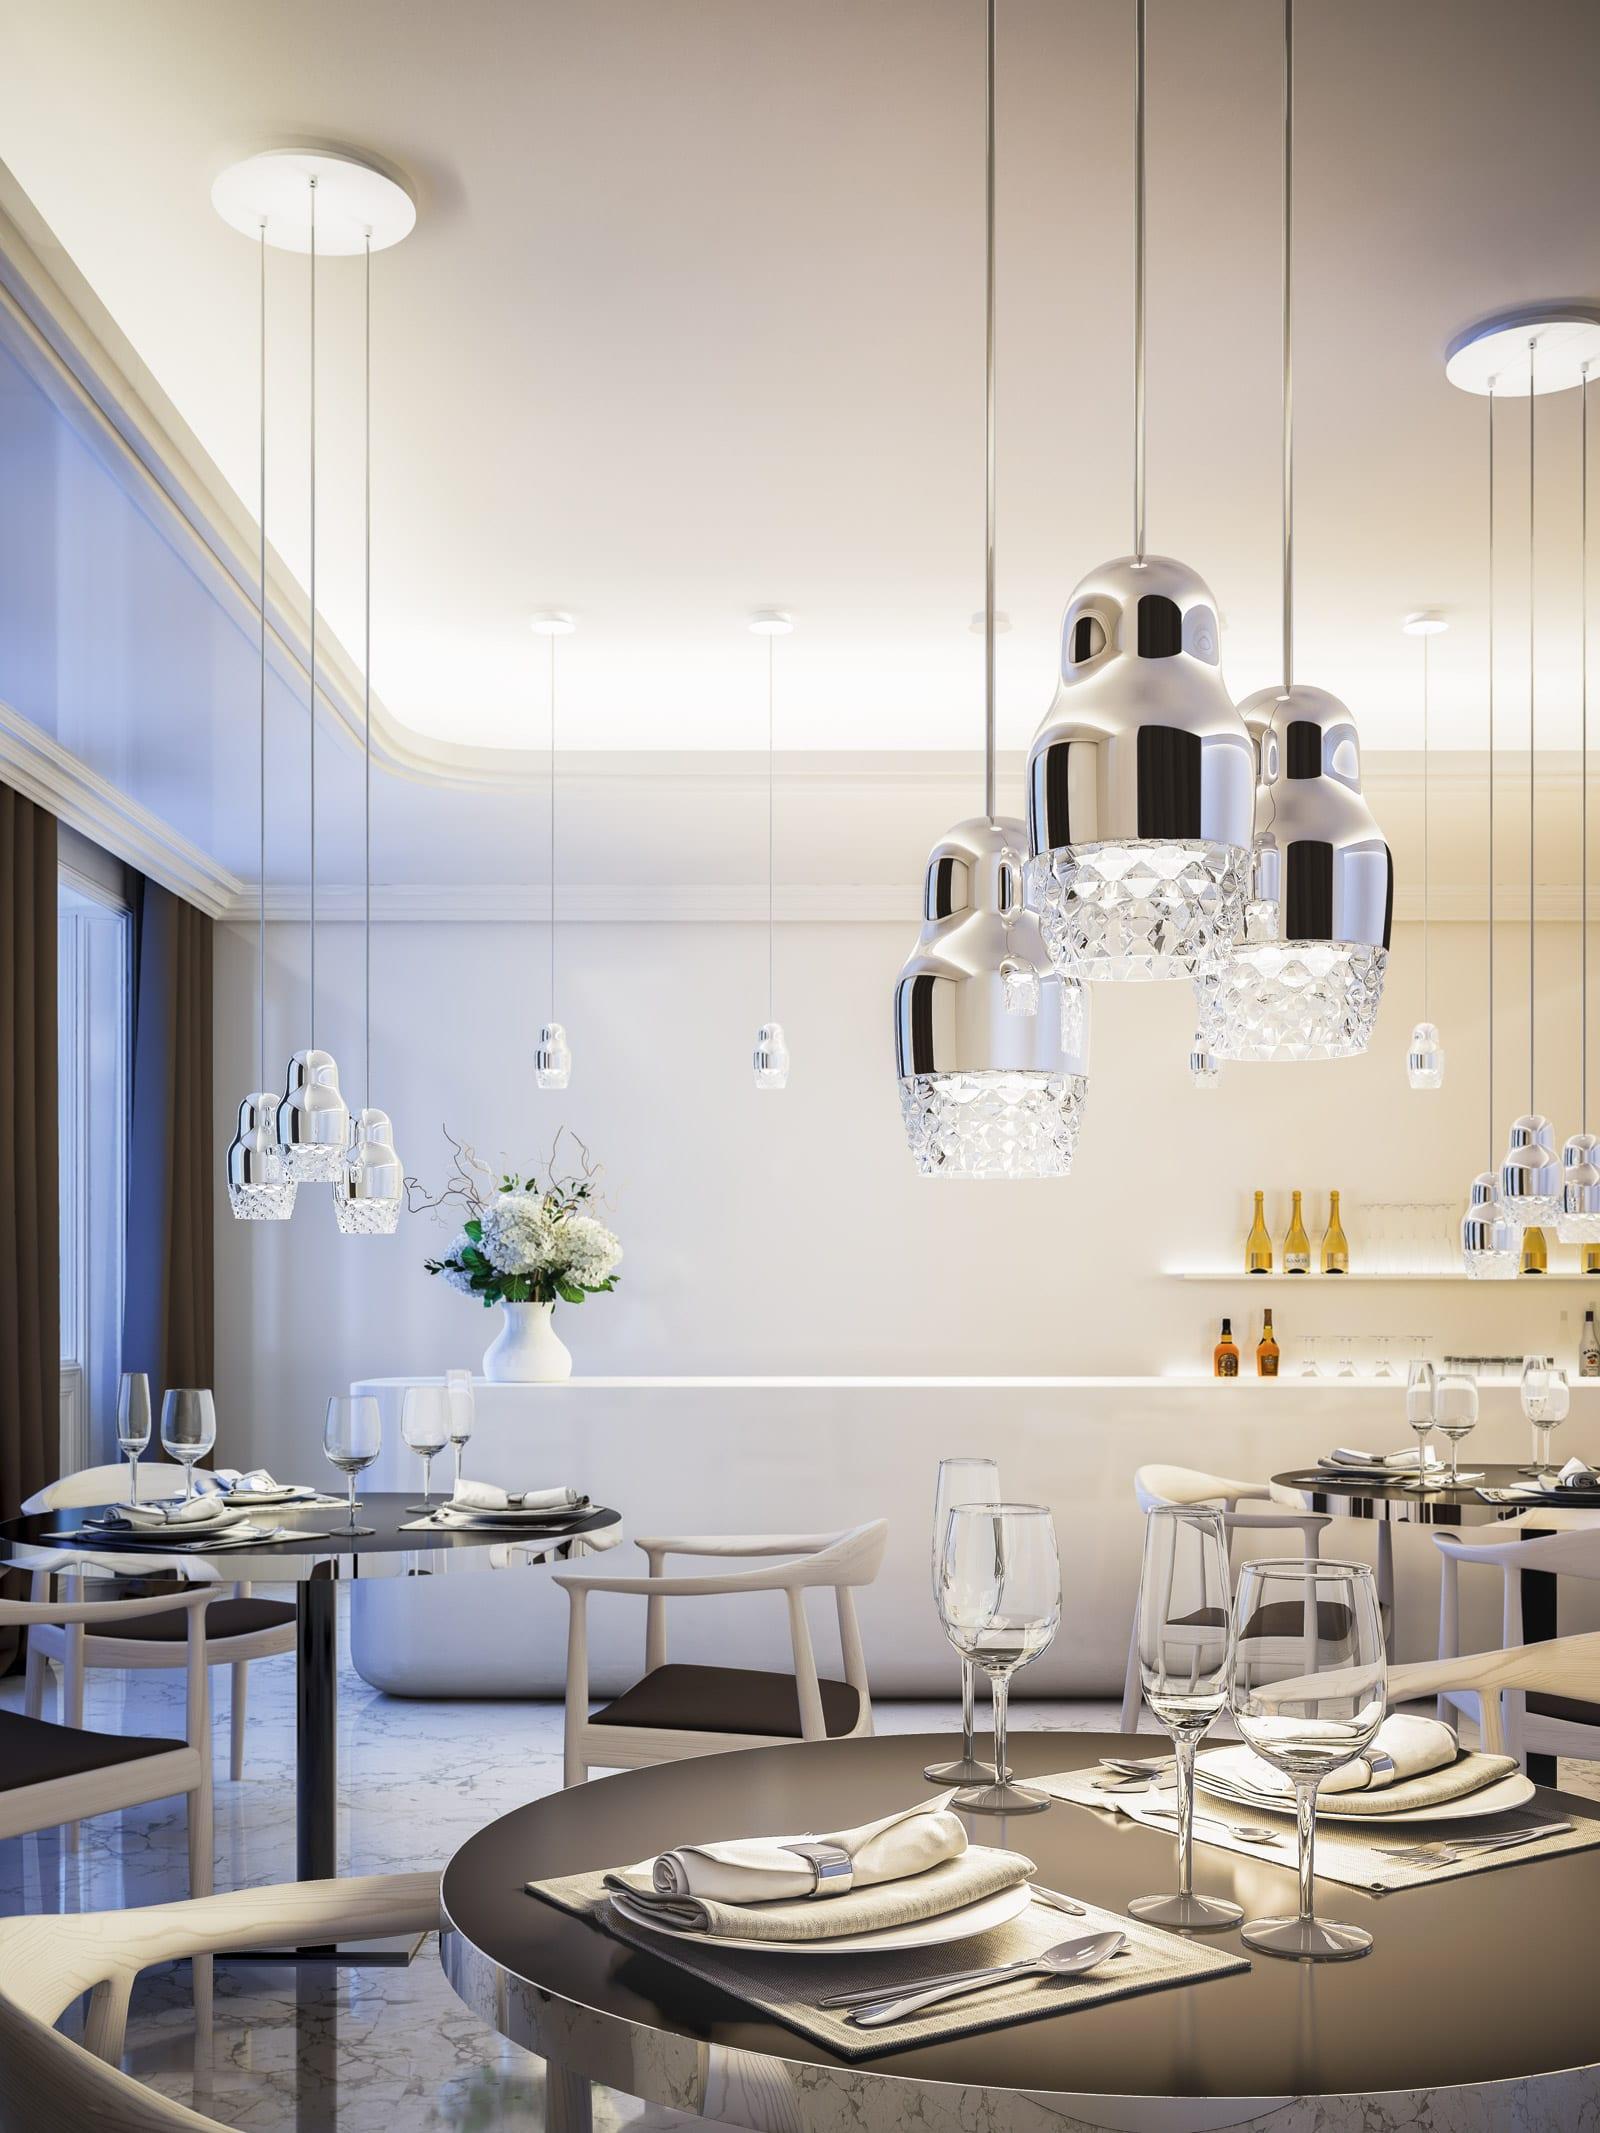 Die originelle Design Lampen von Axo Light bringen den Raum einen stilvollen Charakter